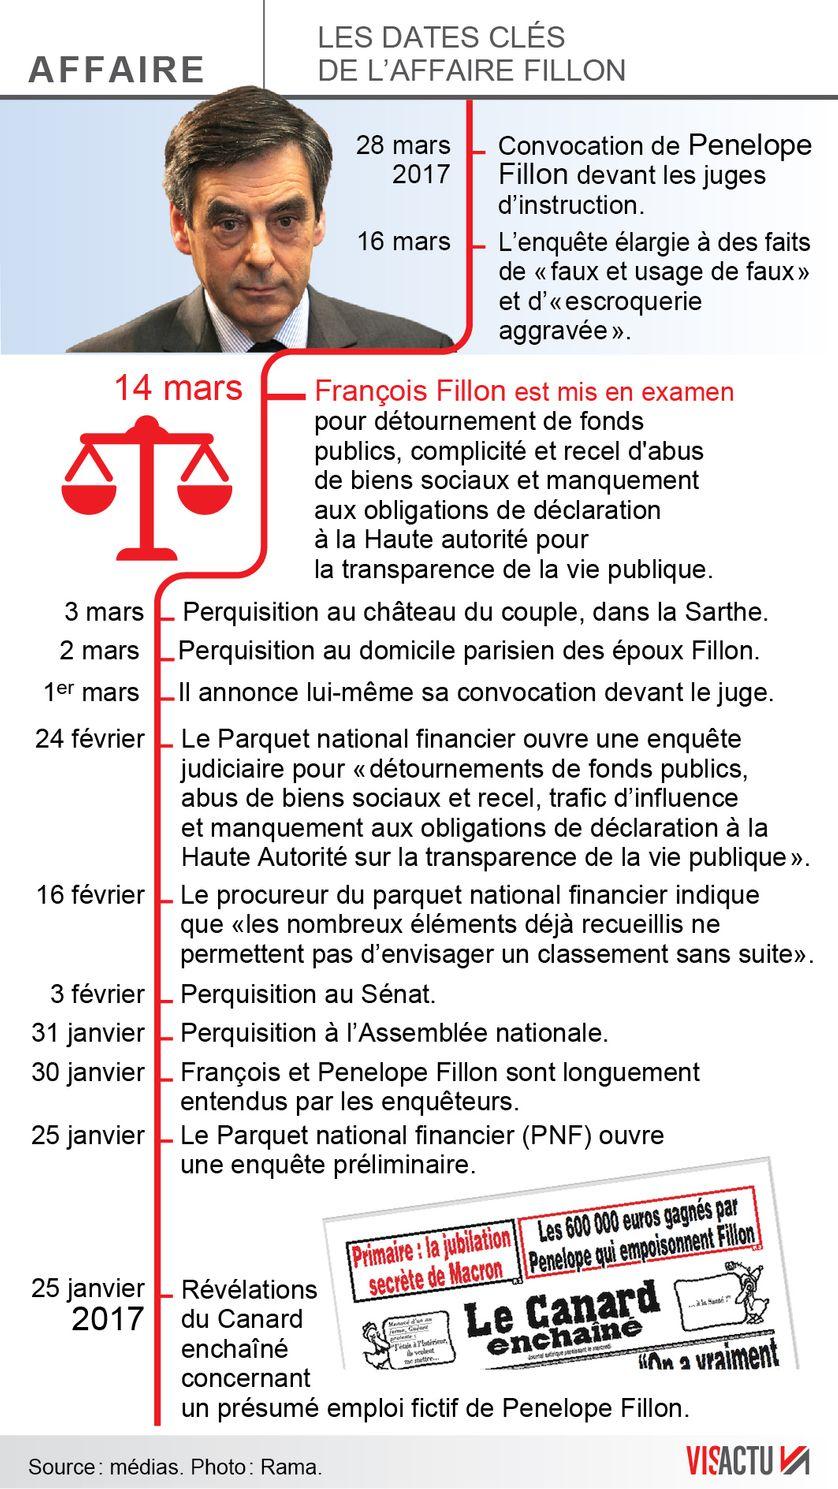 Chronologie de l'affaire Fillon.